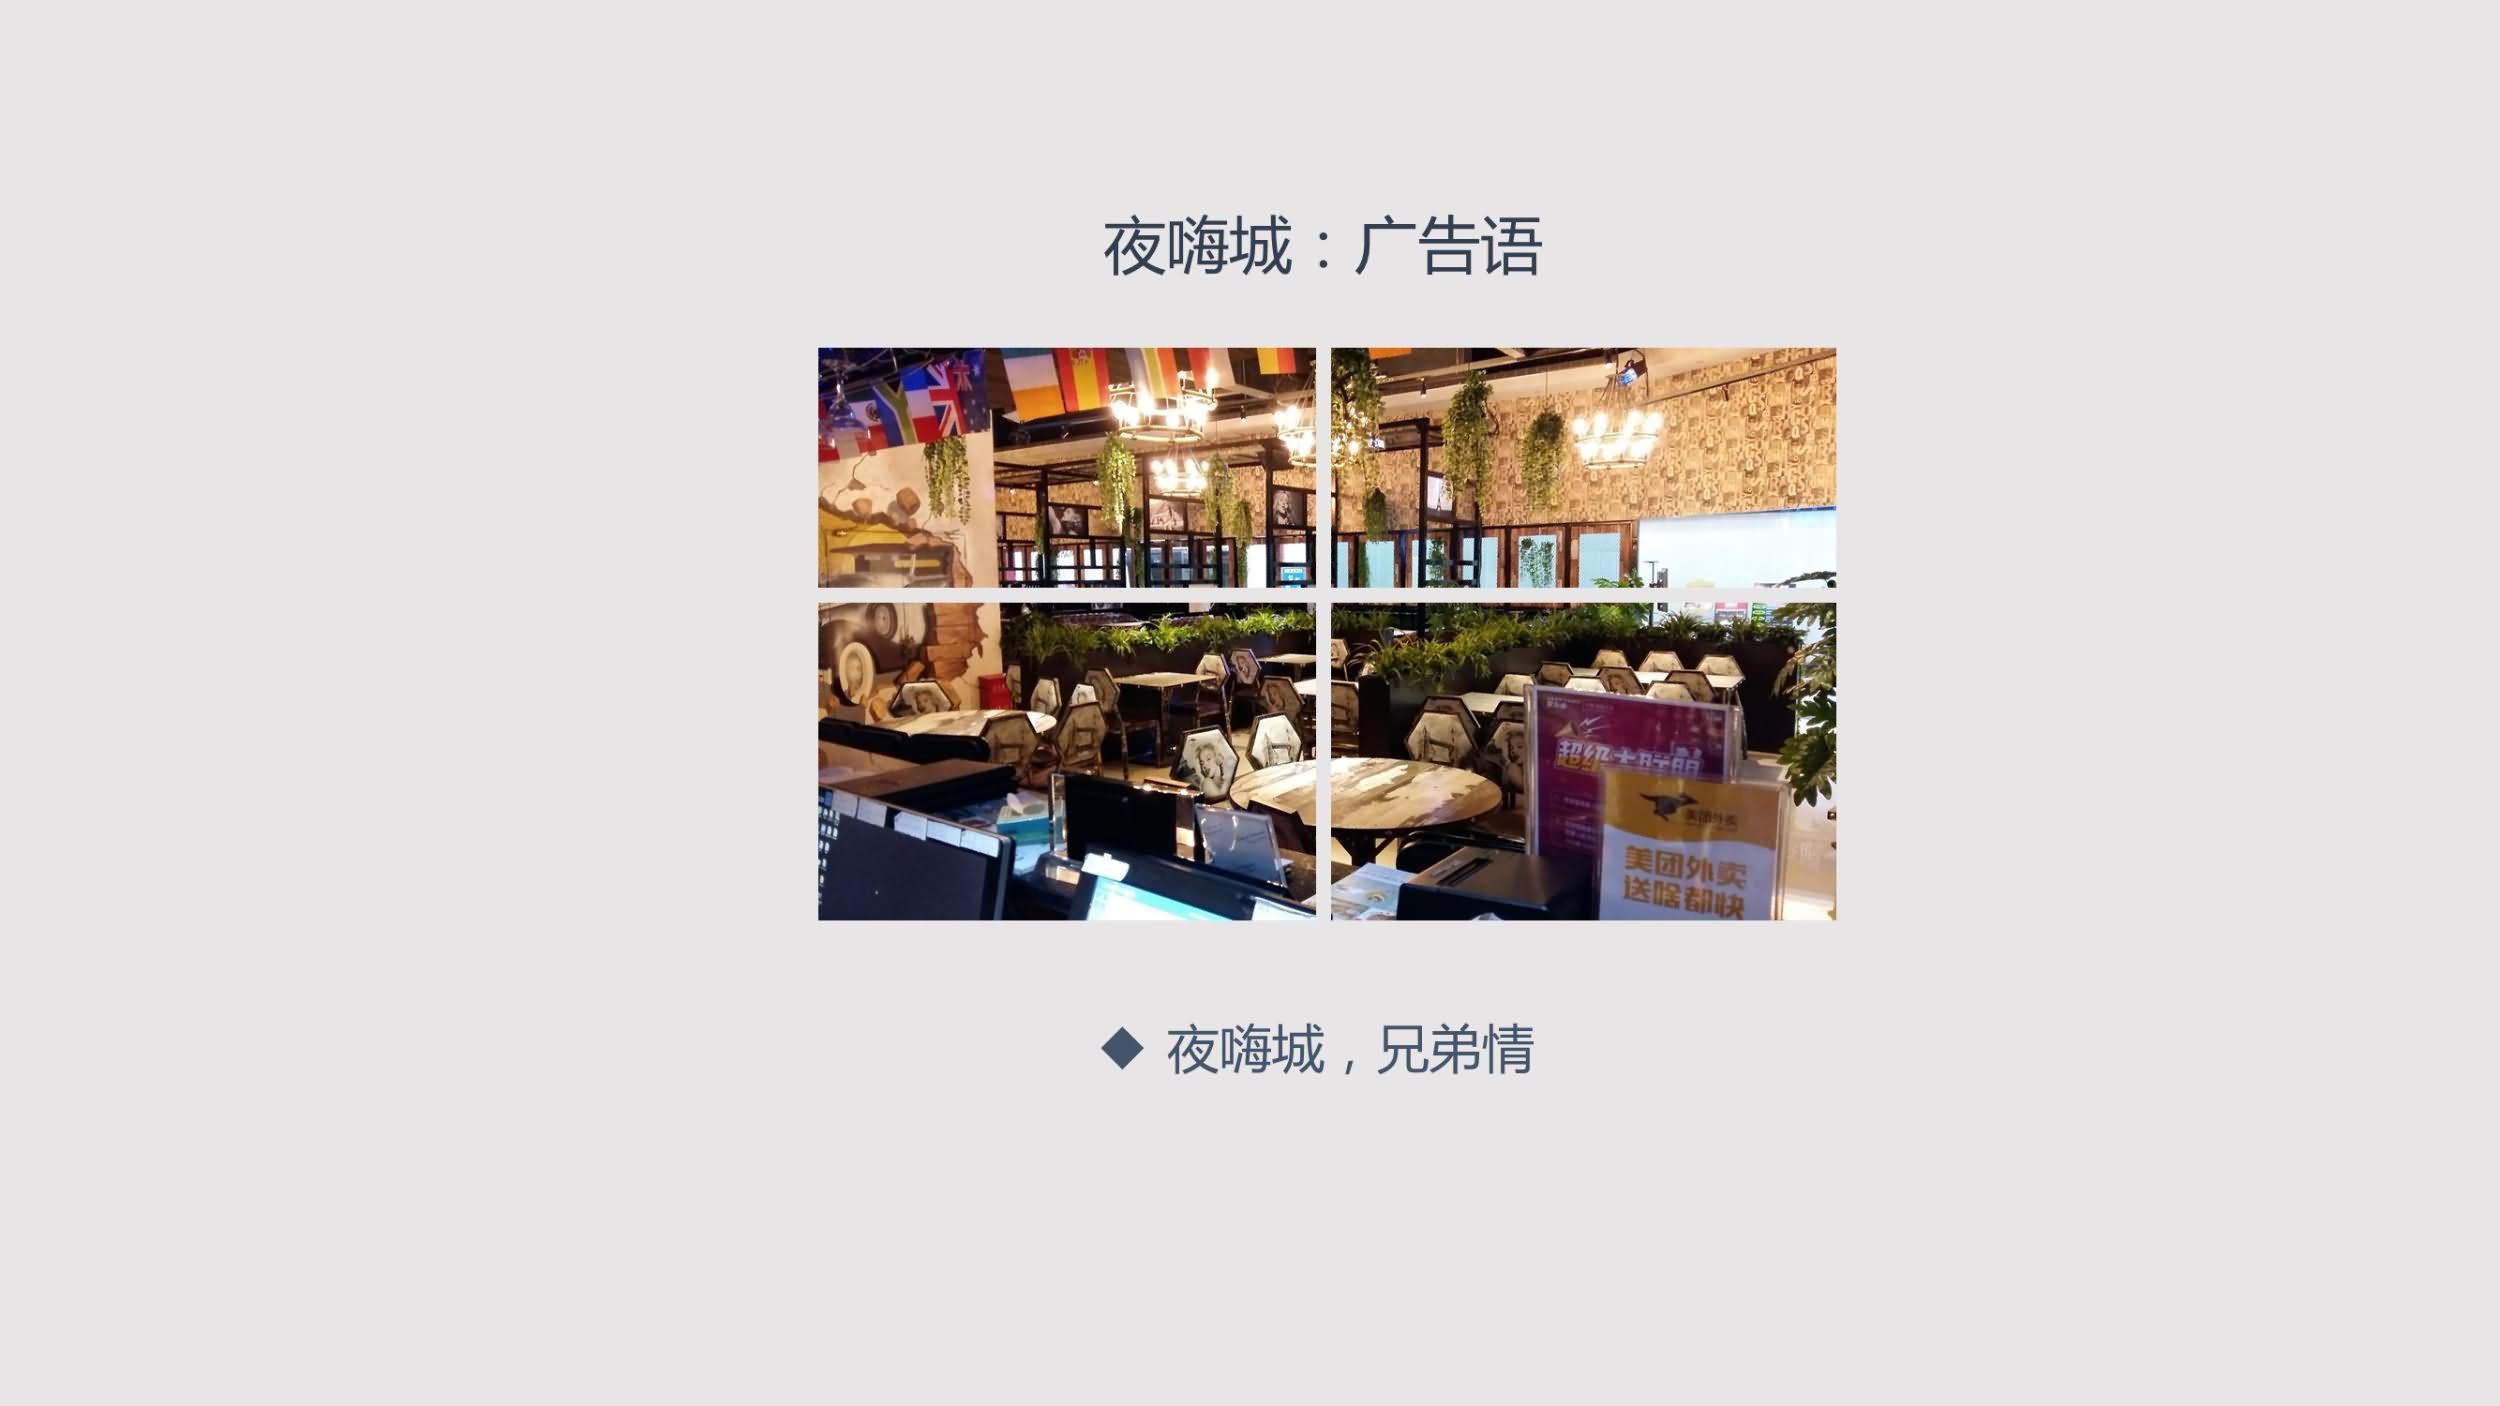 香港樂源餐飲集團有限公司8